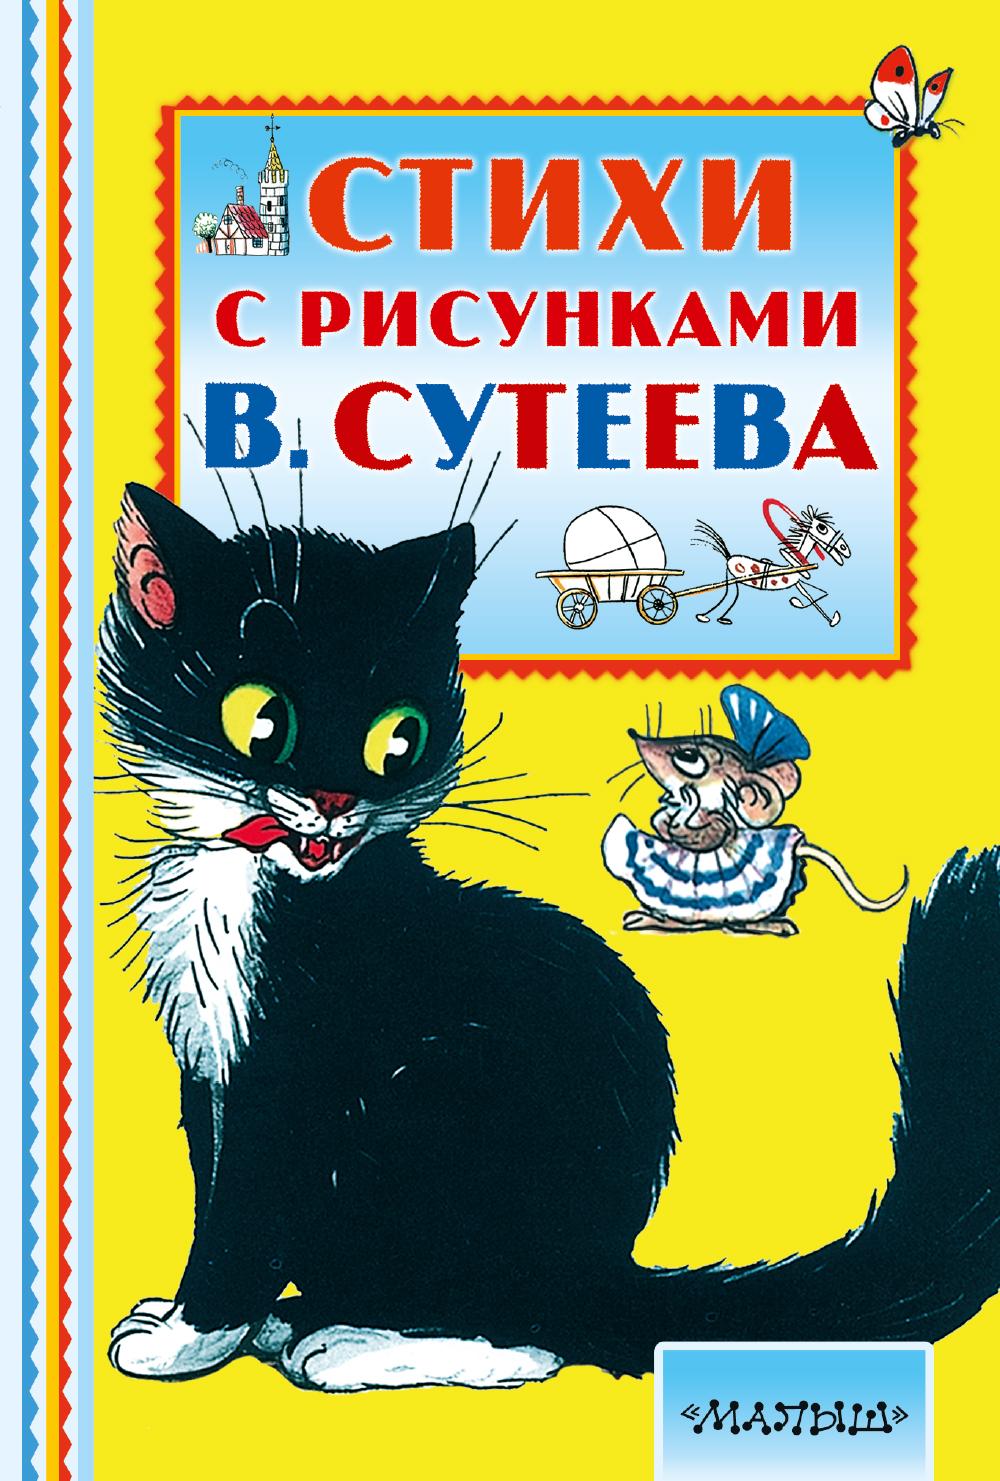 9785170982875 - Маршак С.Я.: Стихи с рисунками В. Сутеева - Книга